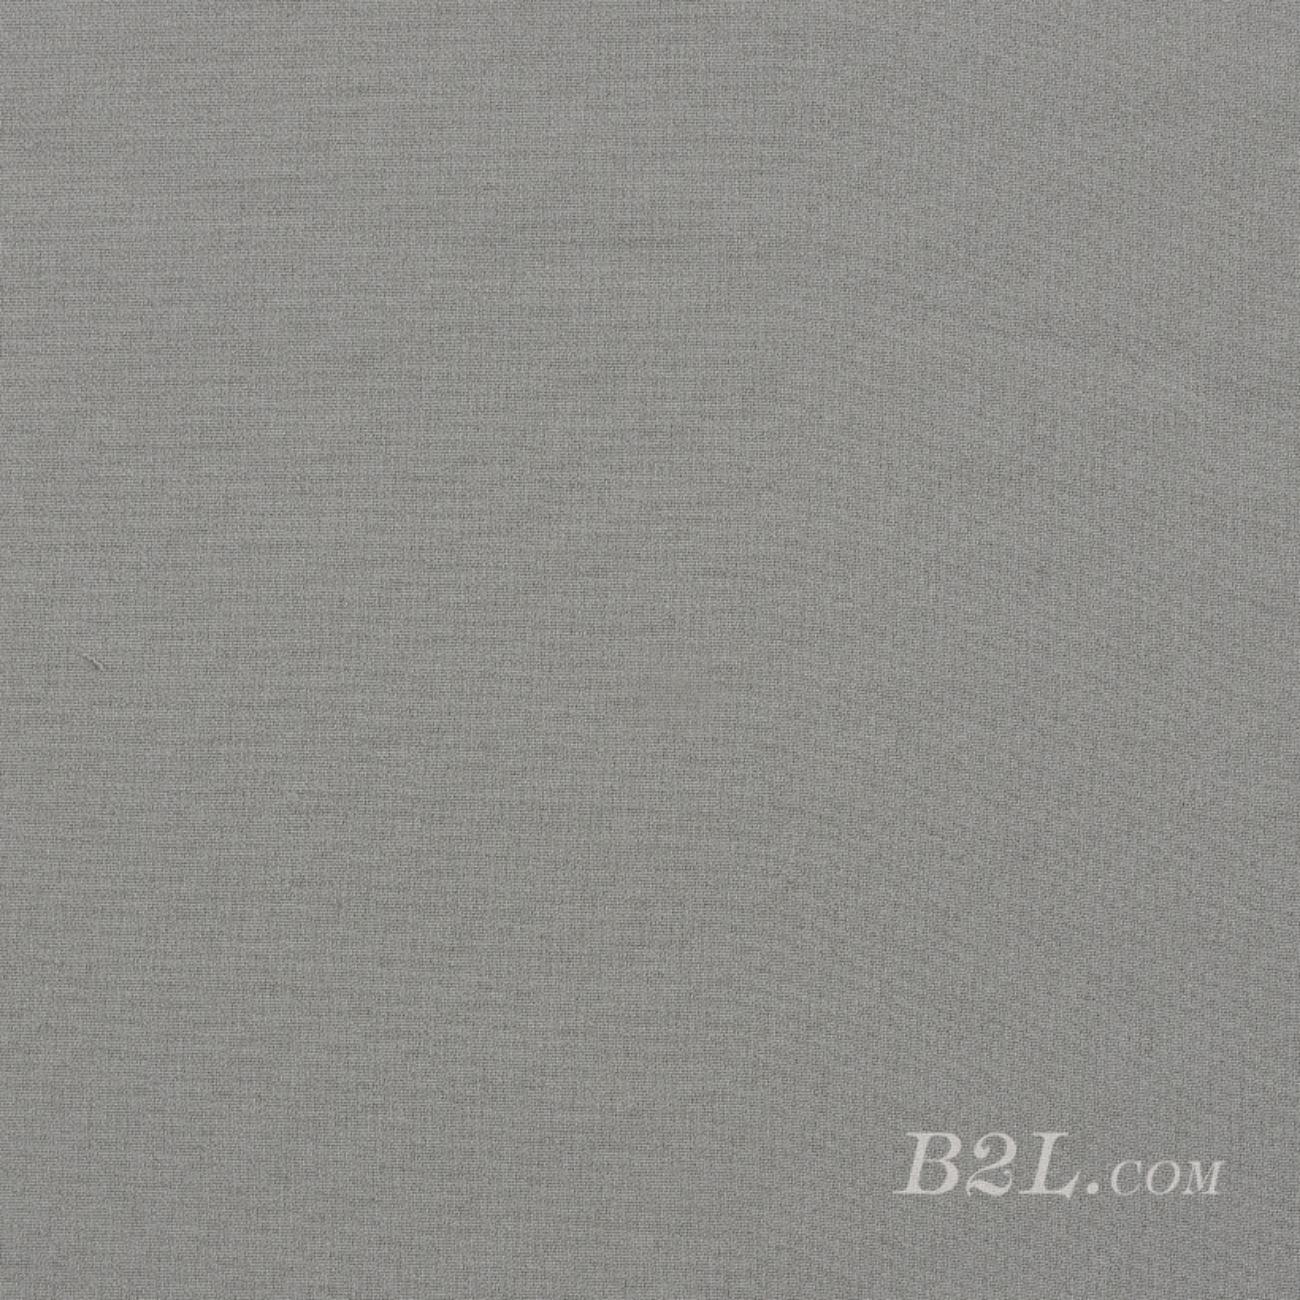 梭织染色素色面料-春夏秋连衣裙休闲服裤装面料80910-2